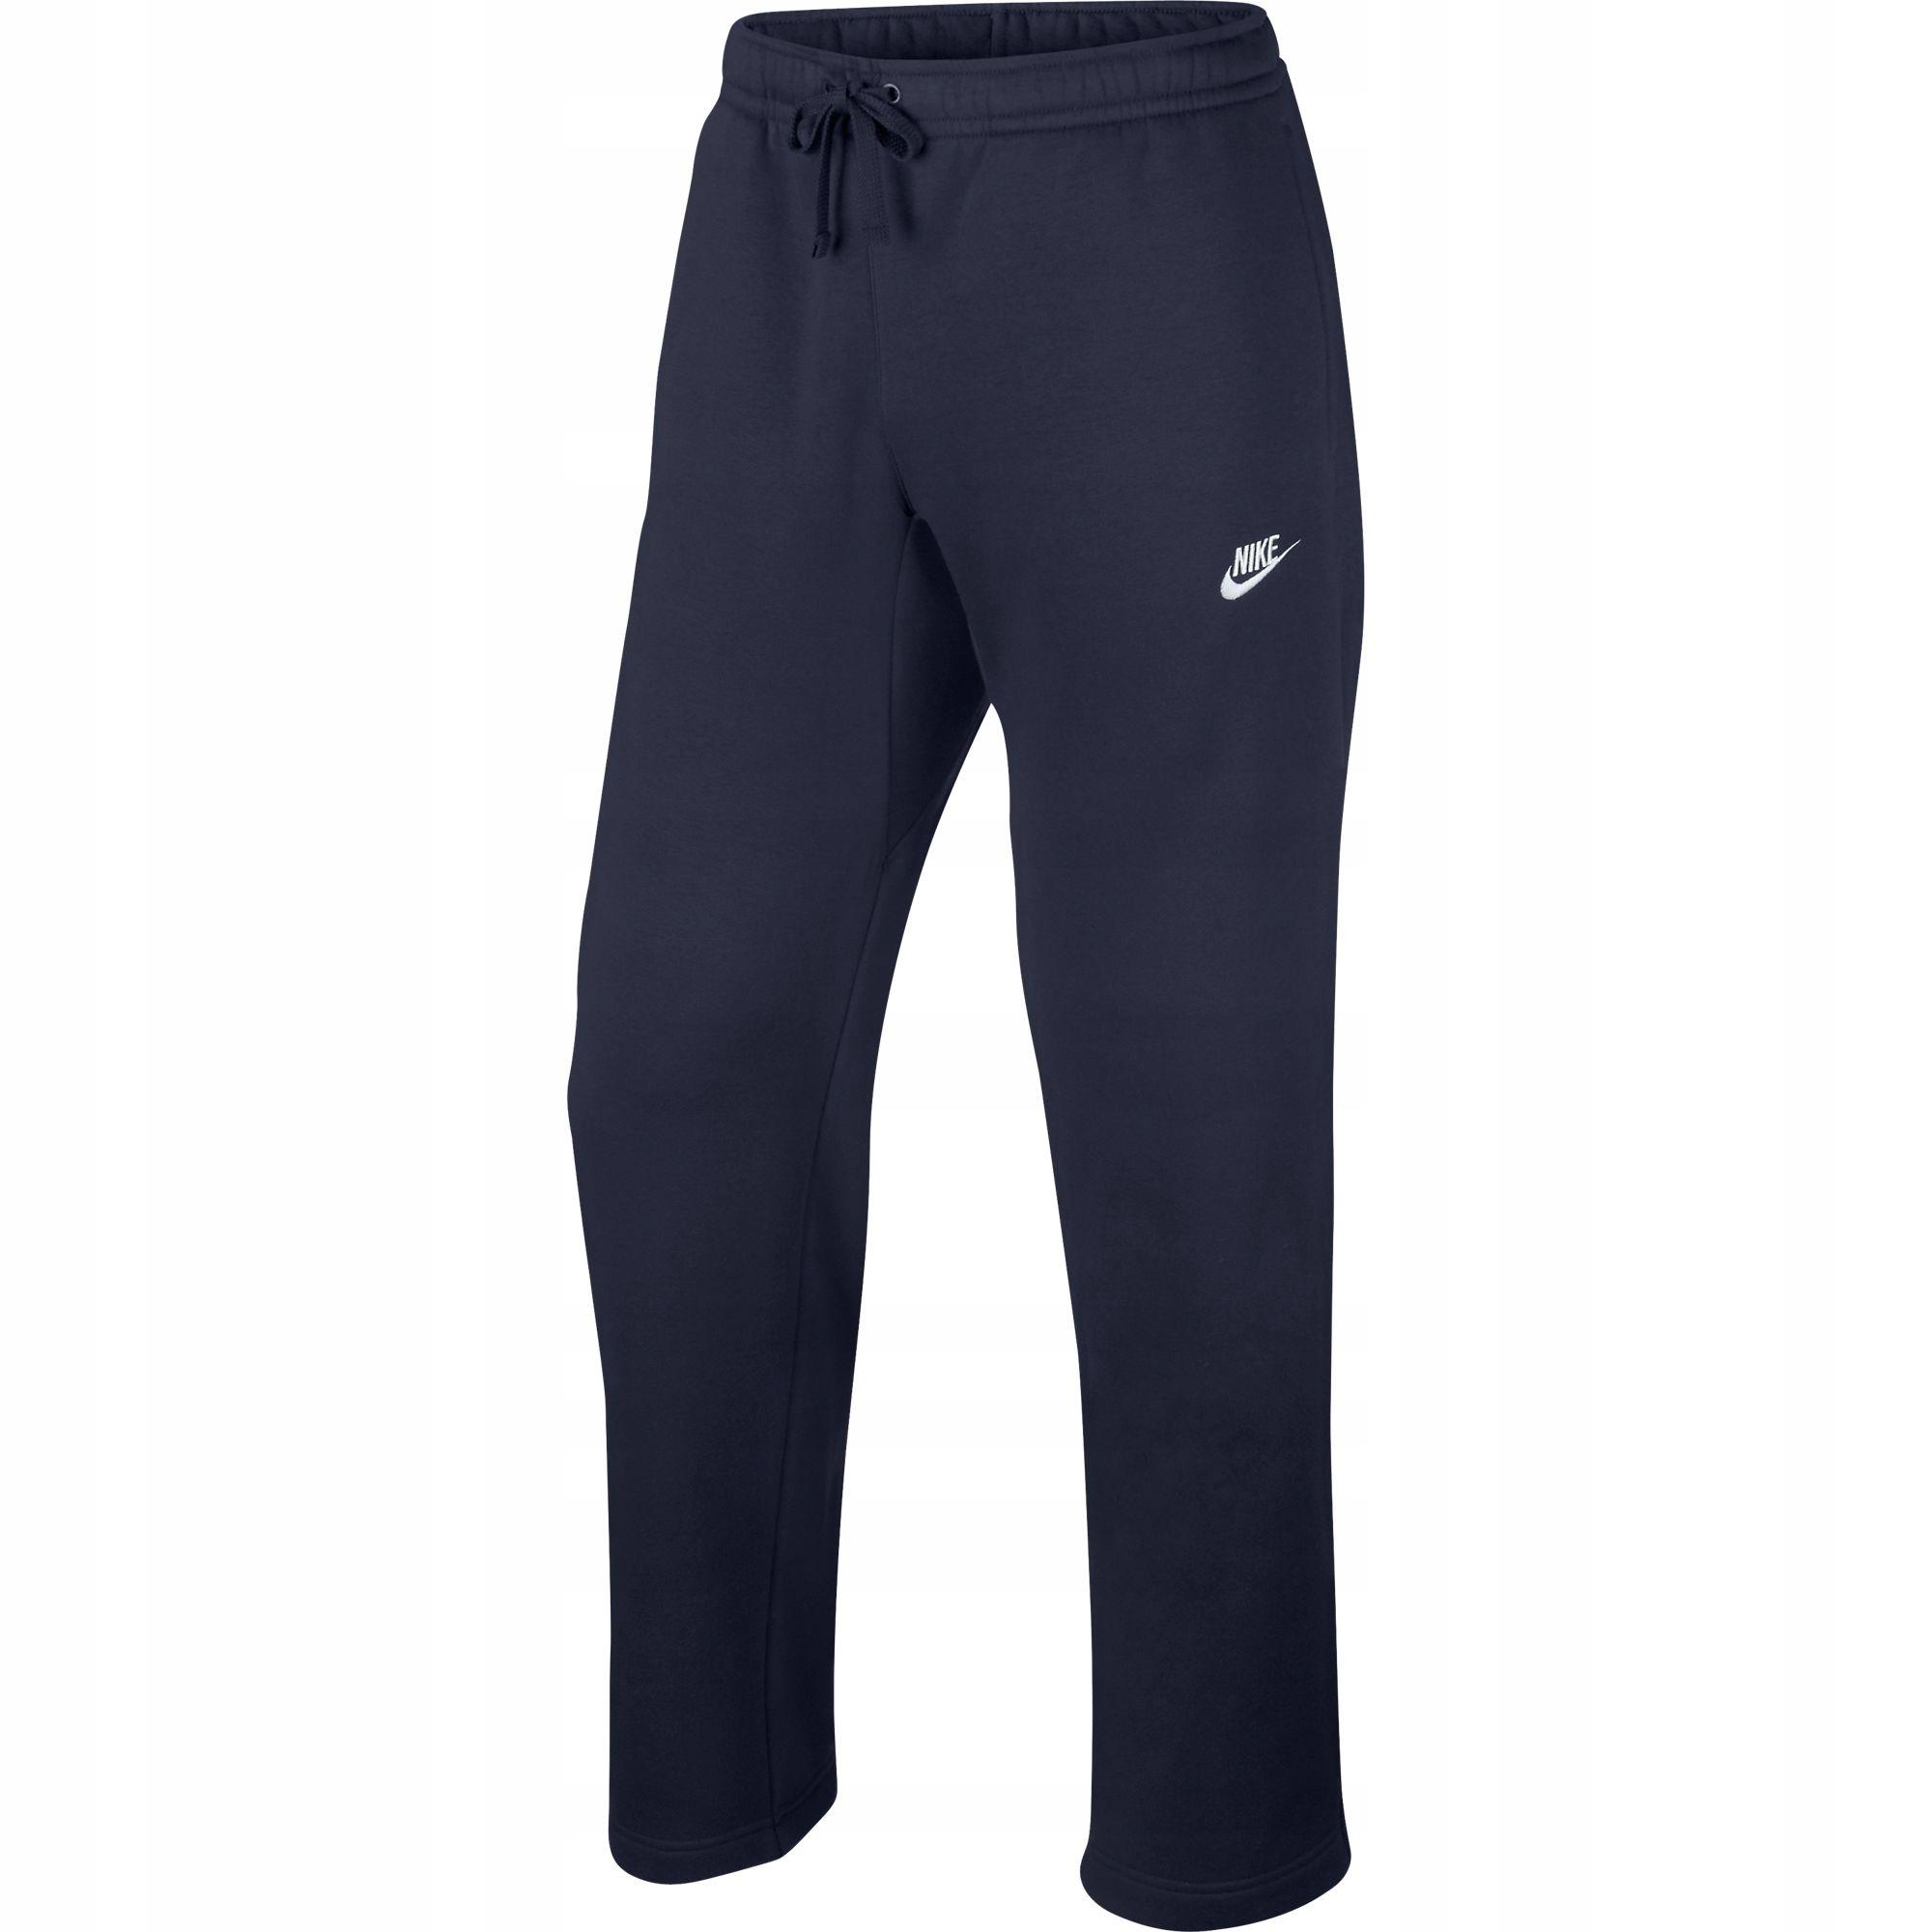 Spodnie Nike SportsWear Club 804395-451 -L